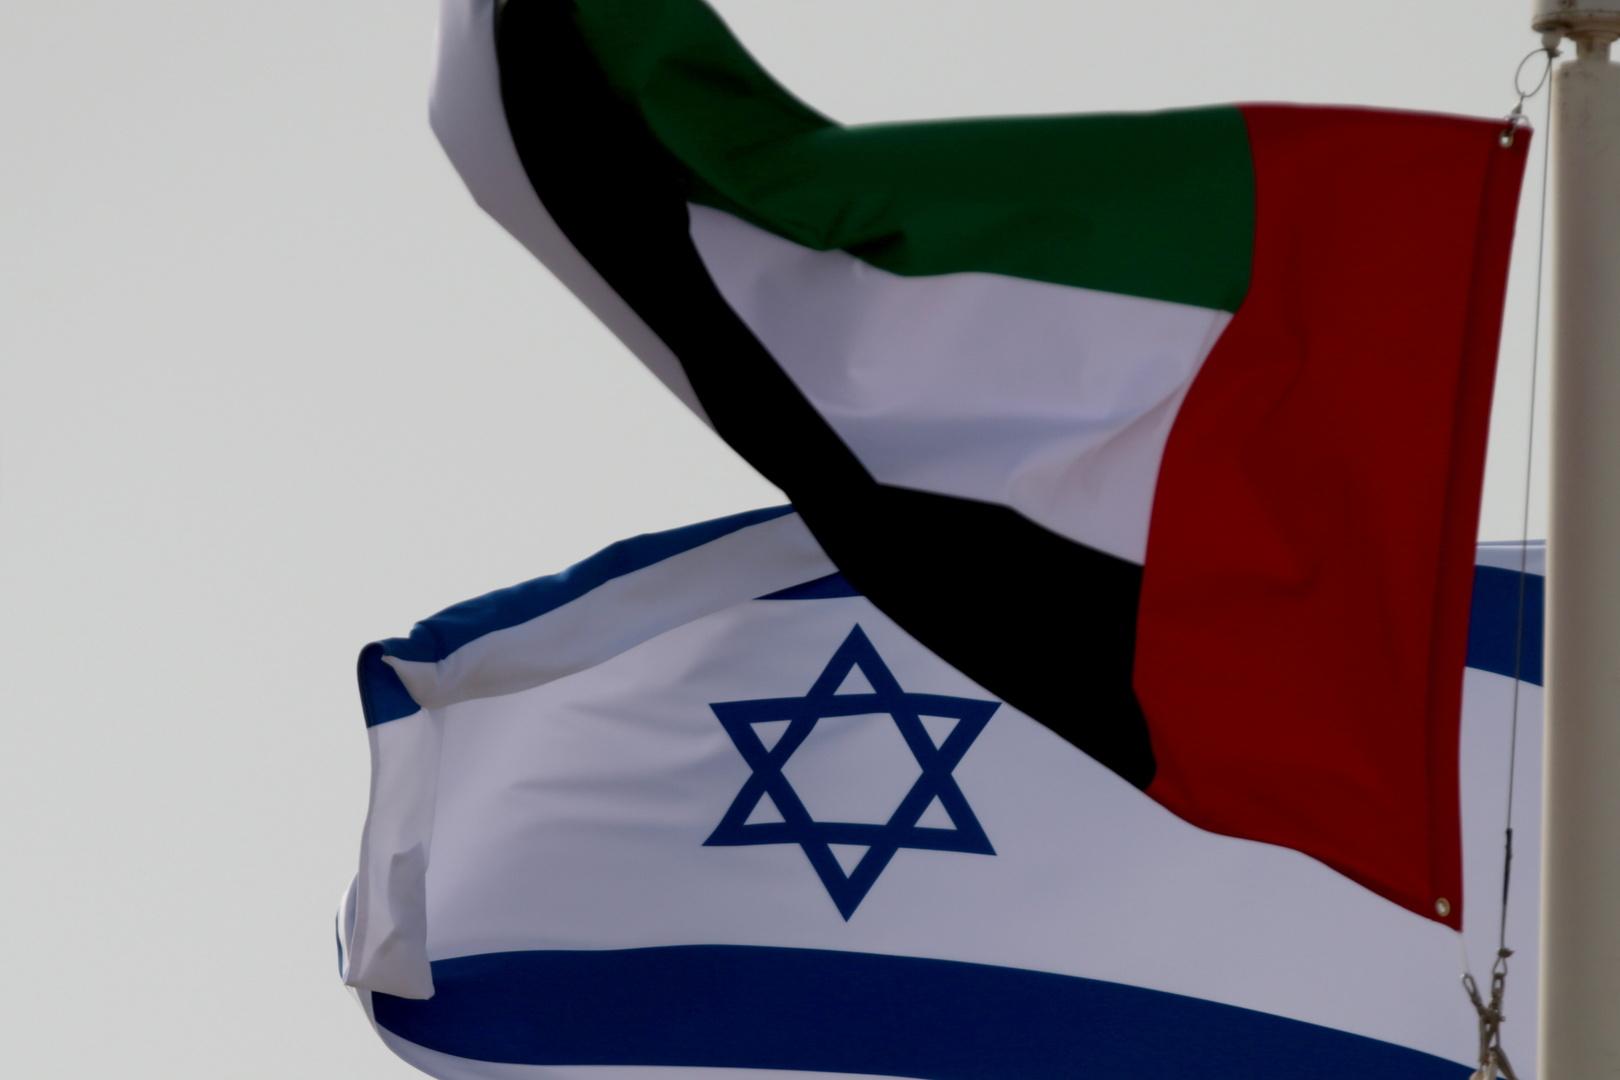 إطلاق أول منصة إعلامية إسرائيلية برئاسة تحرير صحفي خليجي